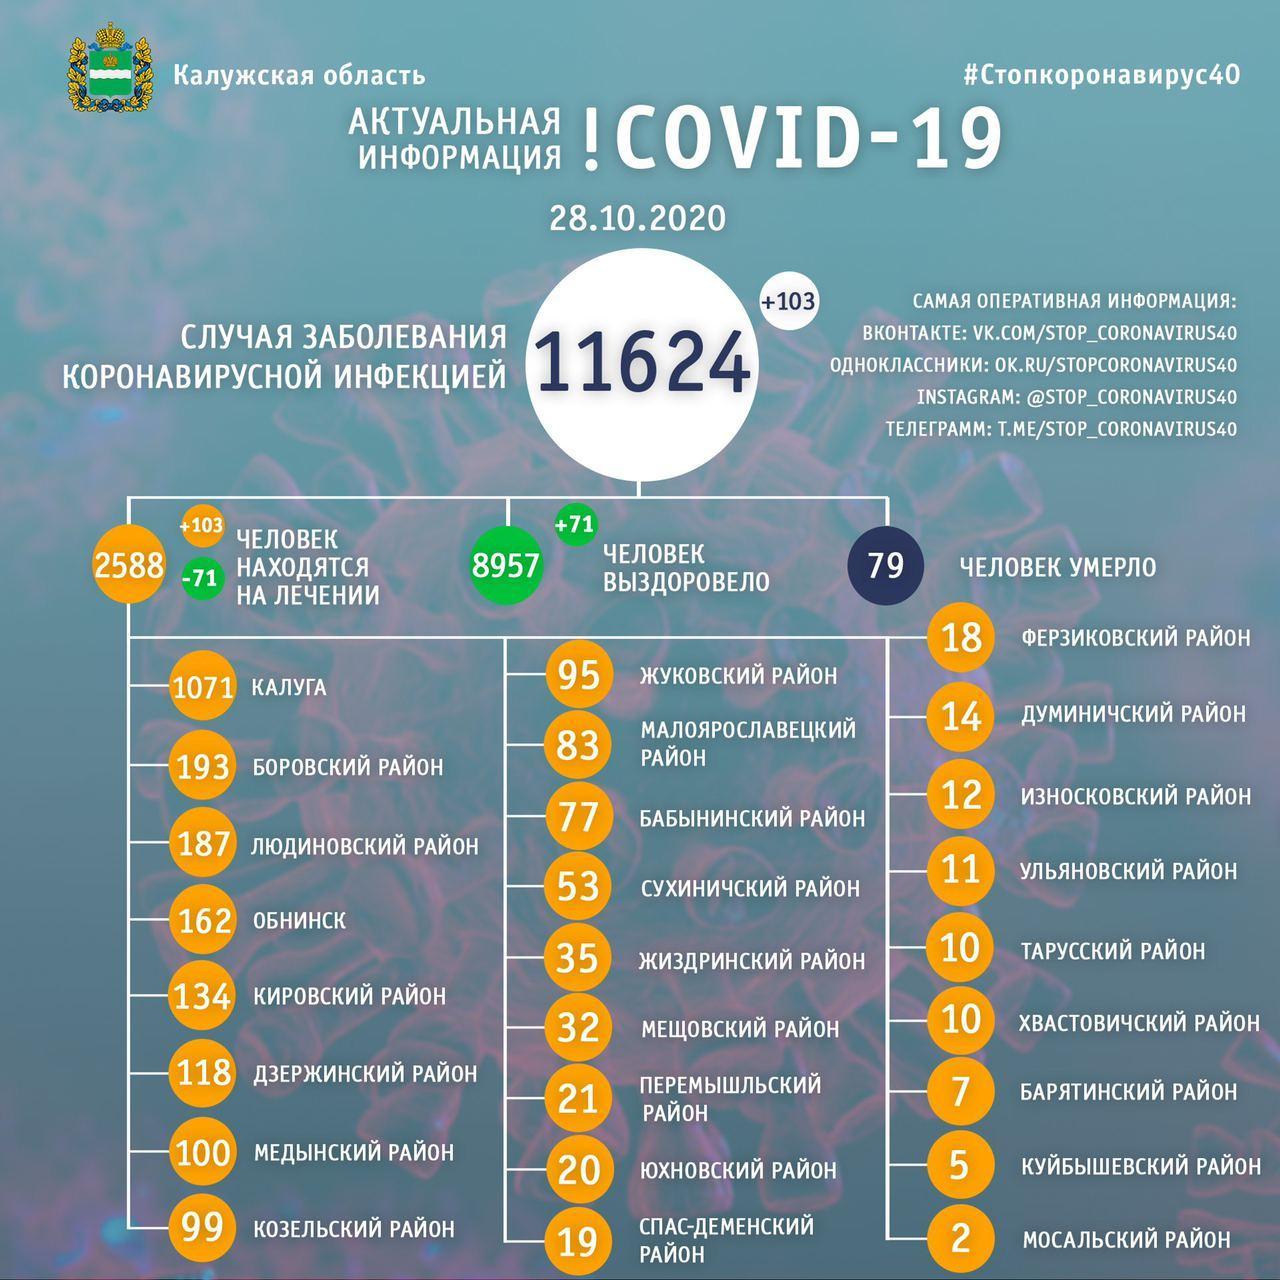 Официальные данные по коронавирусу в Калужской области на 28 октября 2020 года.